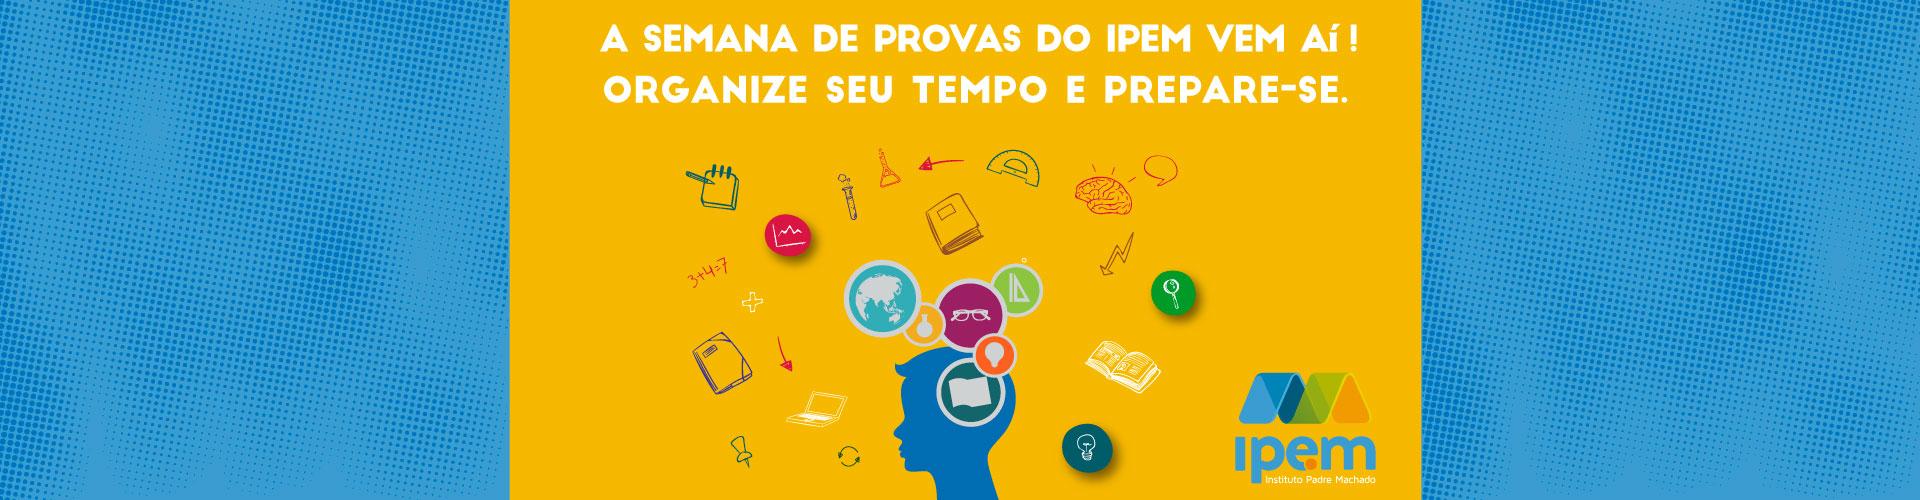 banner_provas_agosto